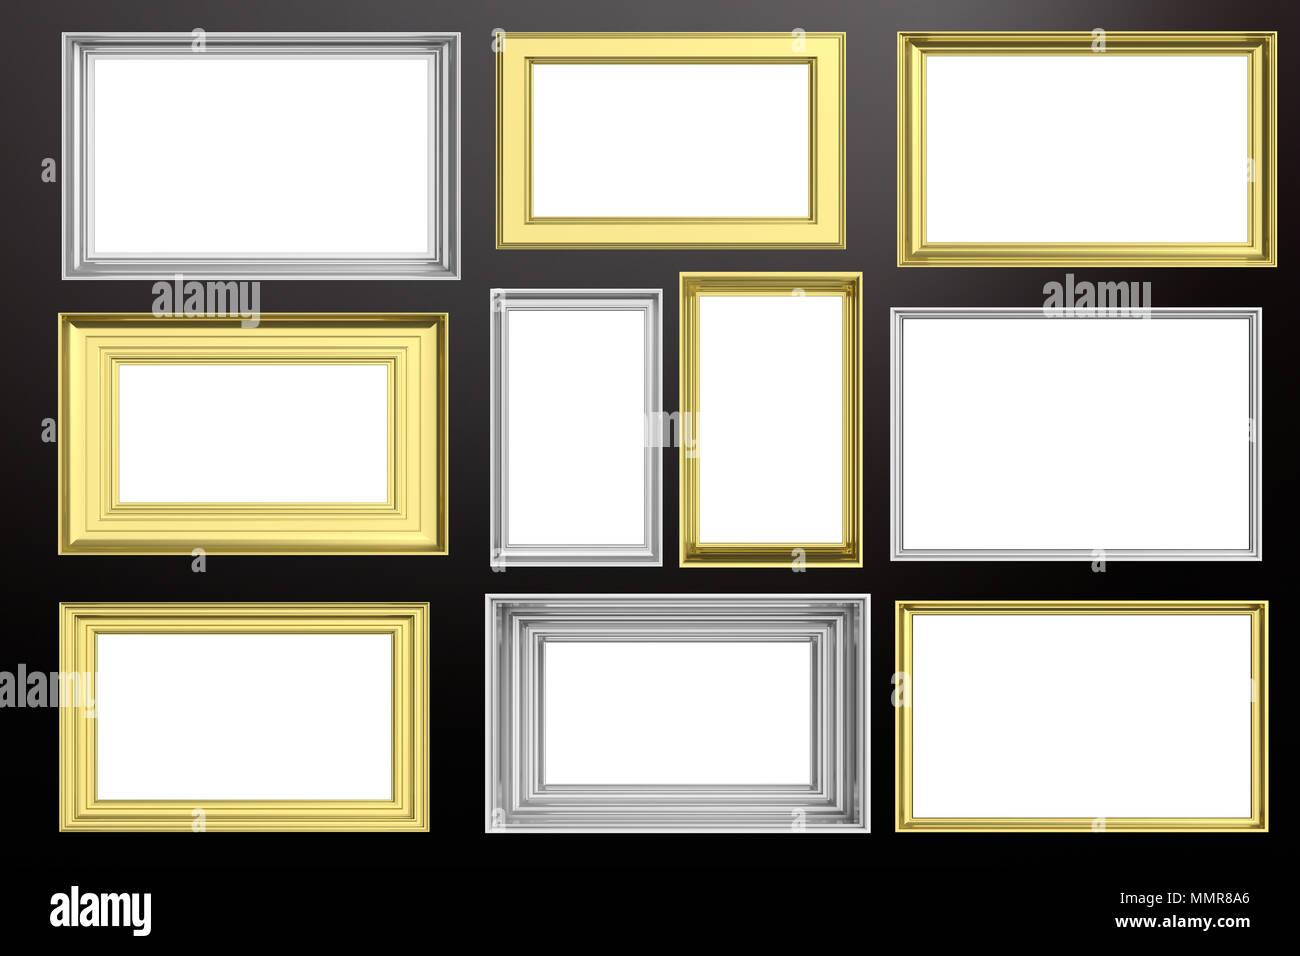 Berühmt Höre Ich Framing Jetzt Hanley Texte Bilder ...